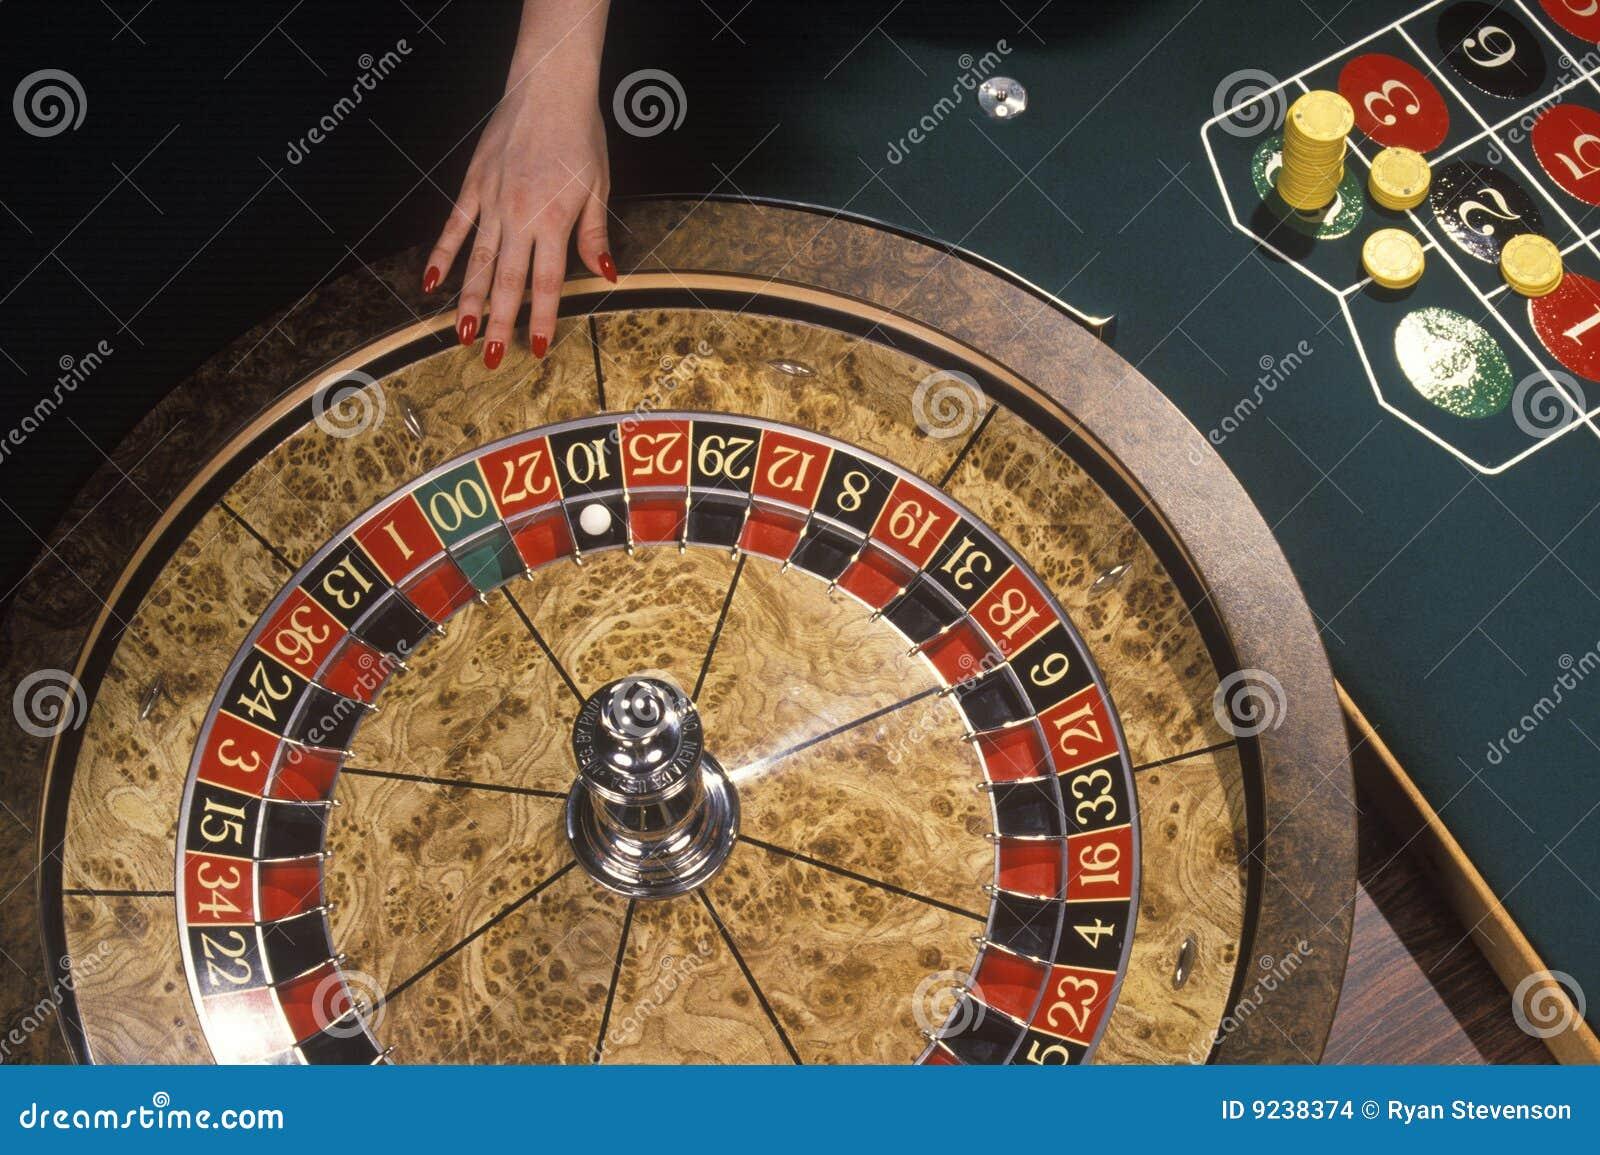 Online roulette wheel generator